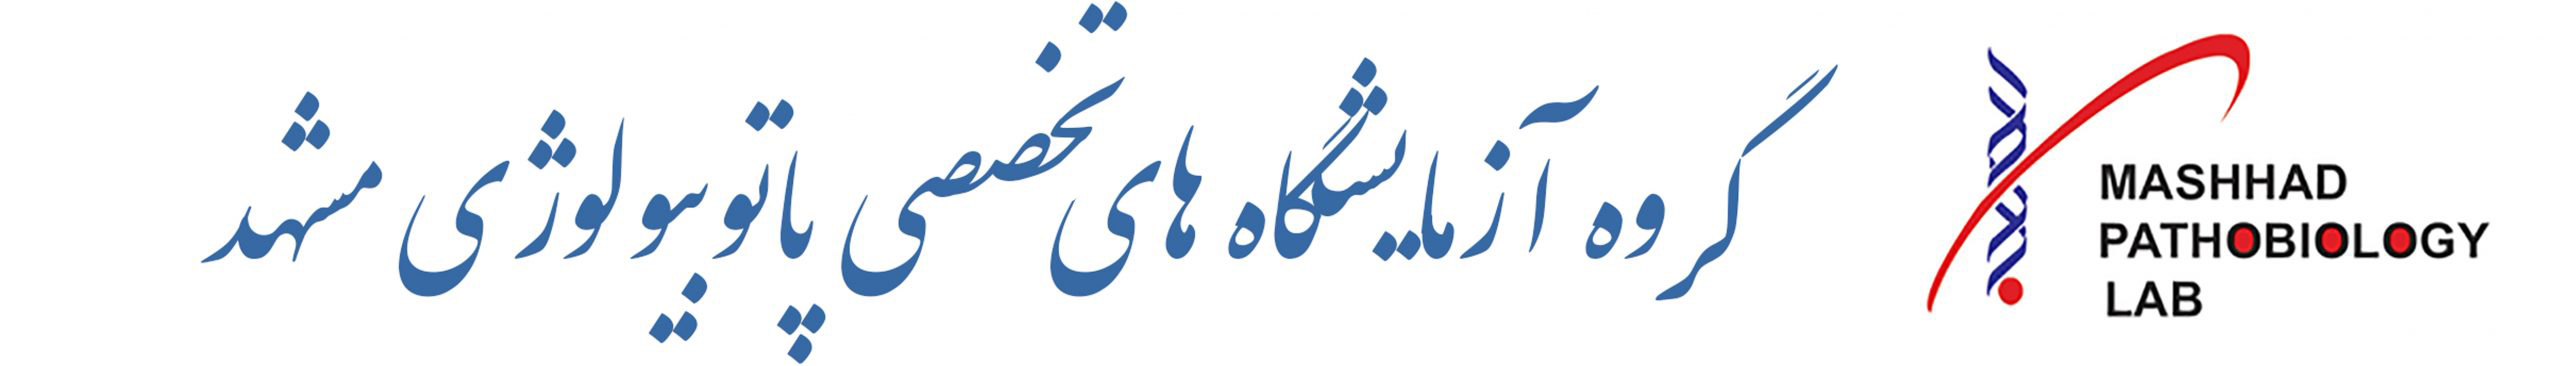 گروه آزمایشگاه های پاتوبیولوژی مشهد